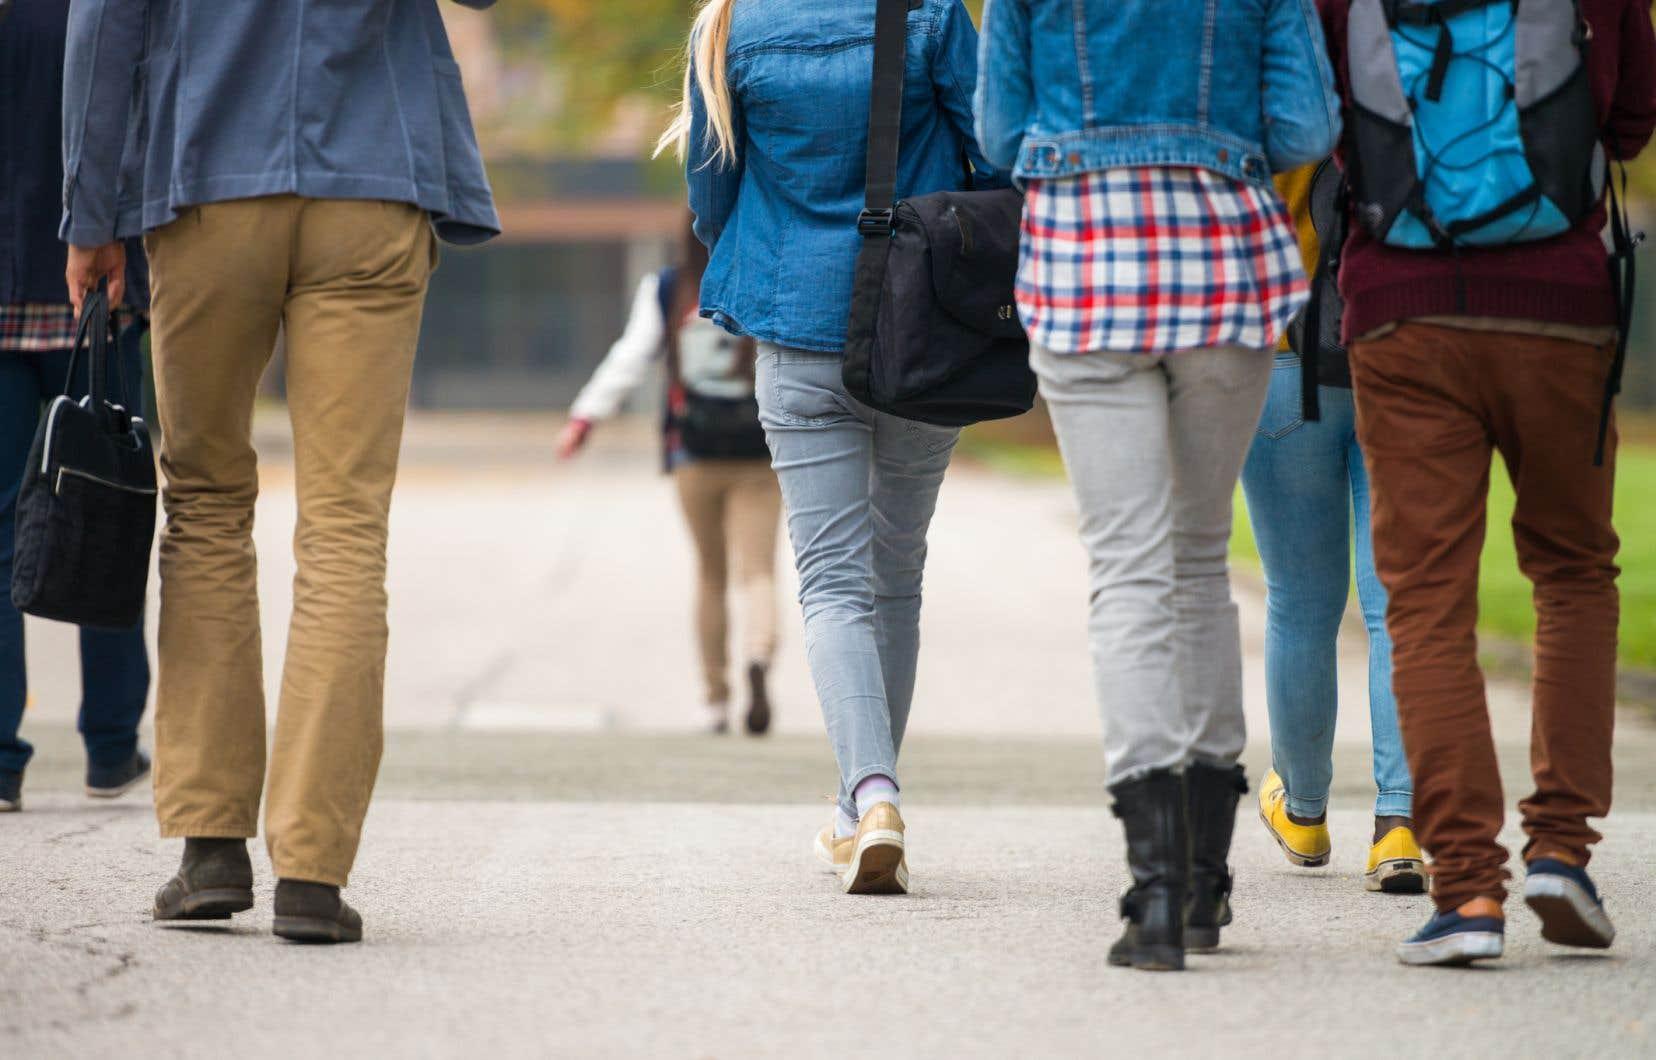 «Priver les étudiants internationaux d'un avenir au Québec, c'est priver le Québec d'une richesse humaine qu'il possède déjà sous ses yeux et sur son territoire», souligne l'auteur.